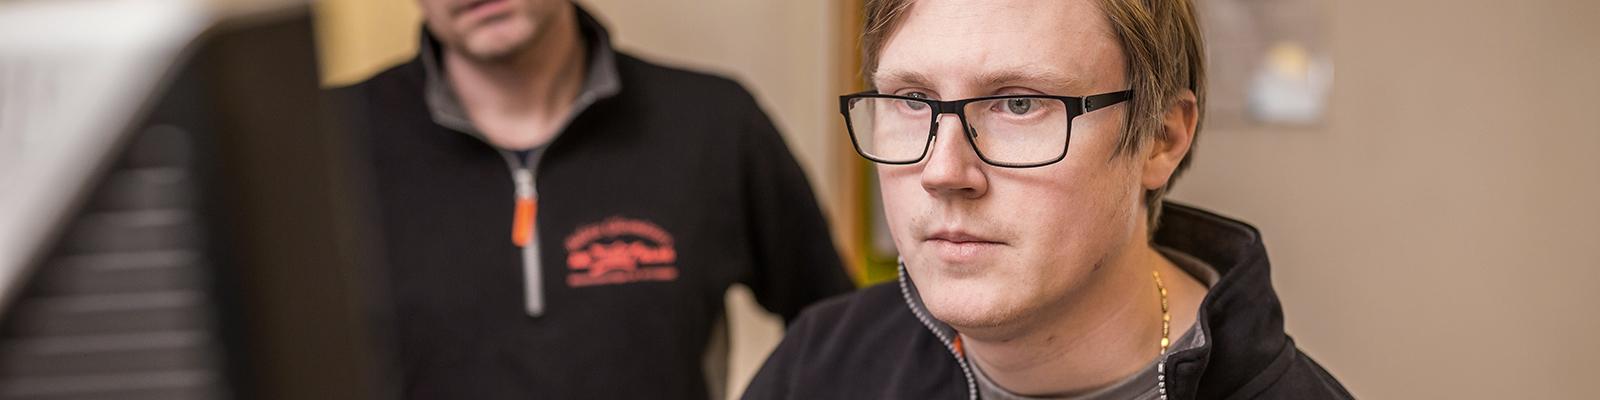 Bålsta Idé Glas - din glasmästare i Mälardalen